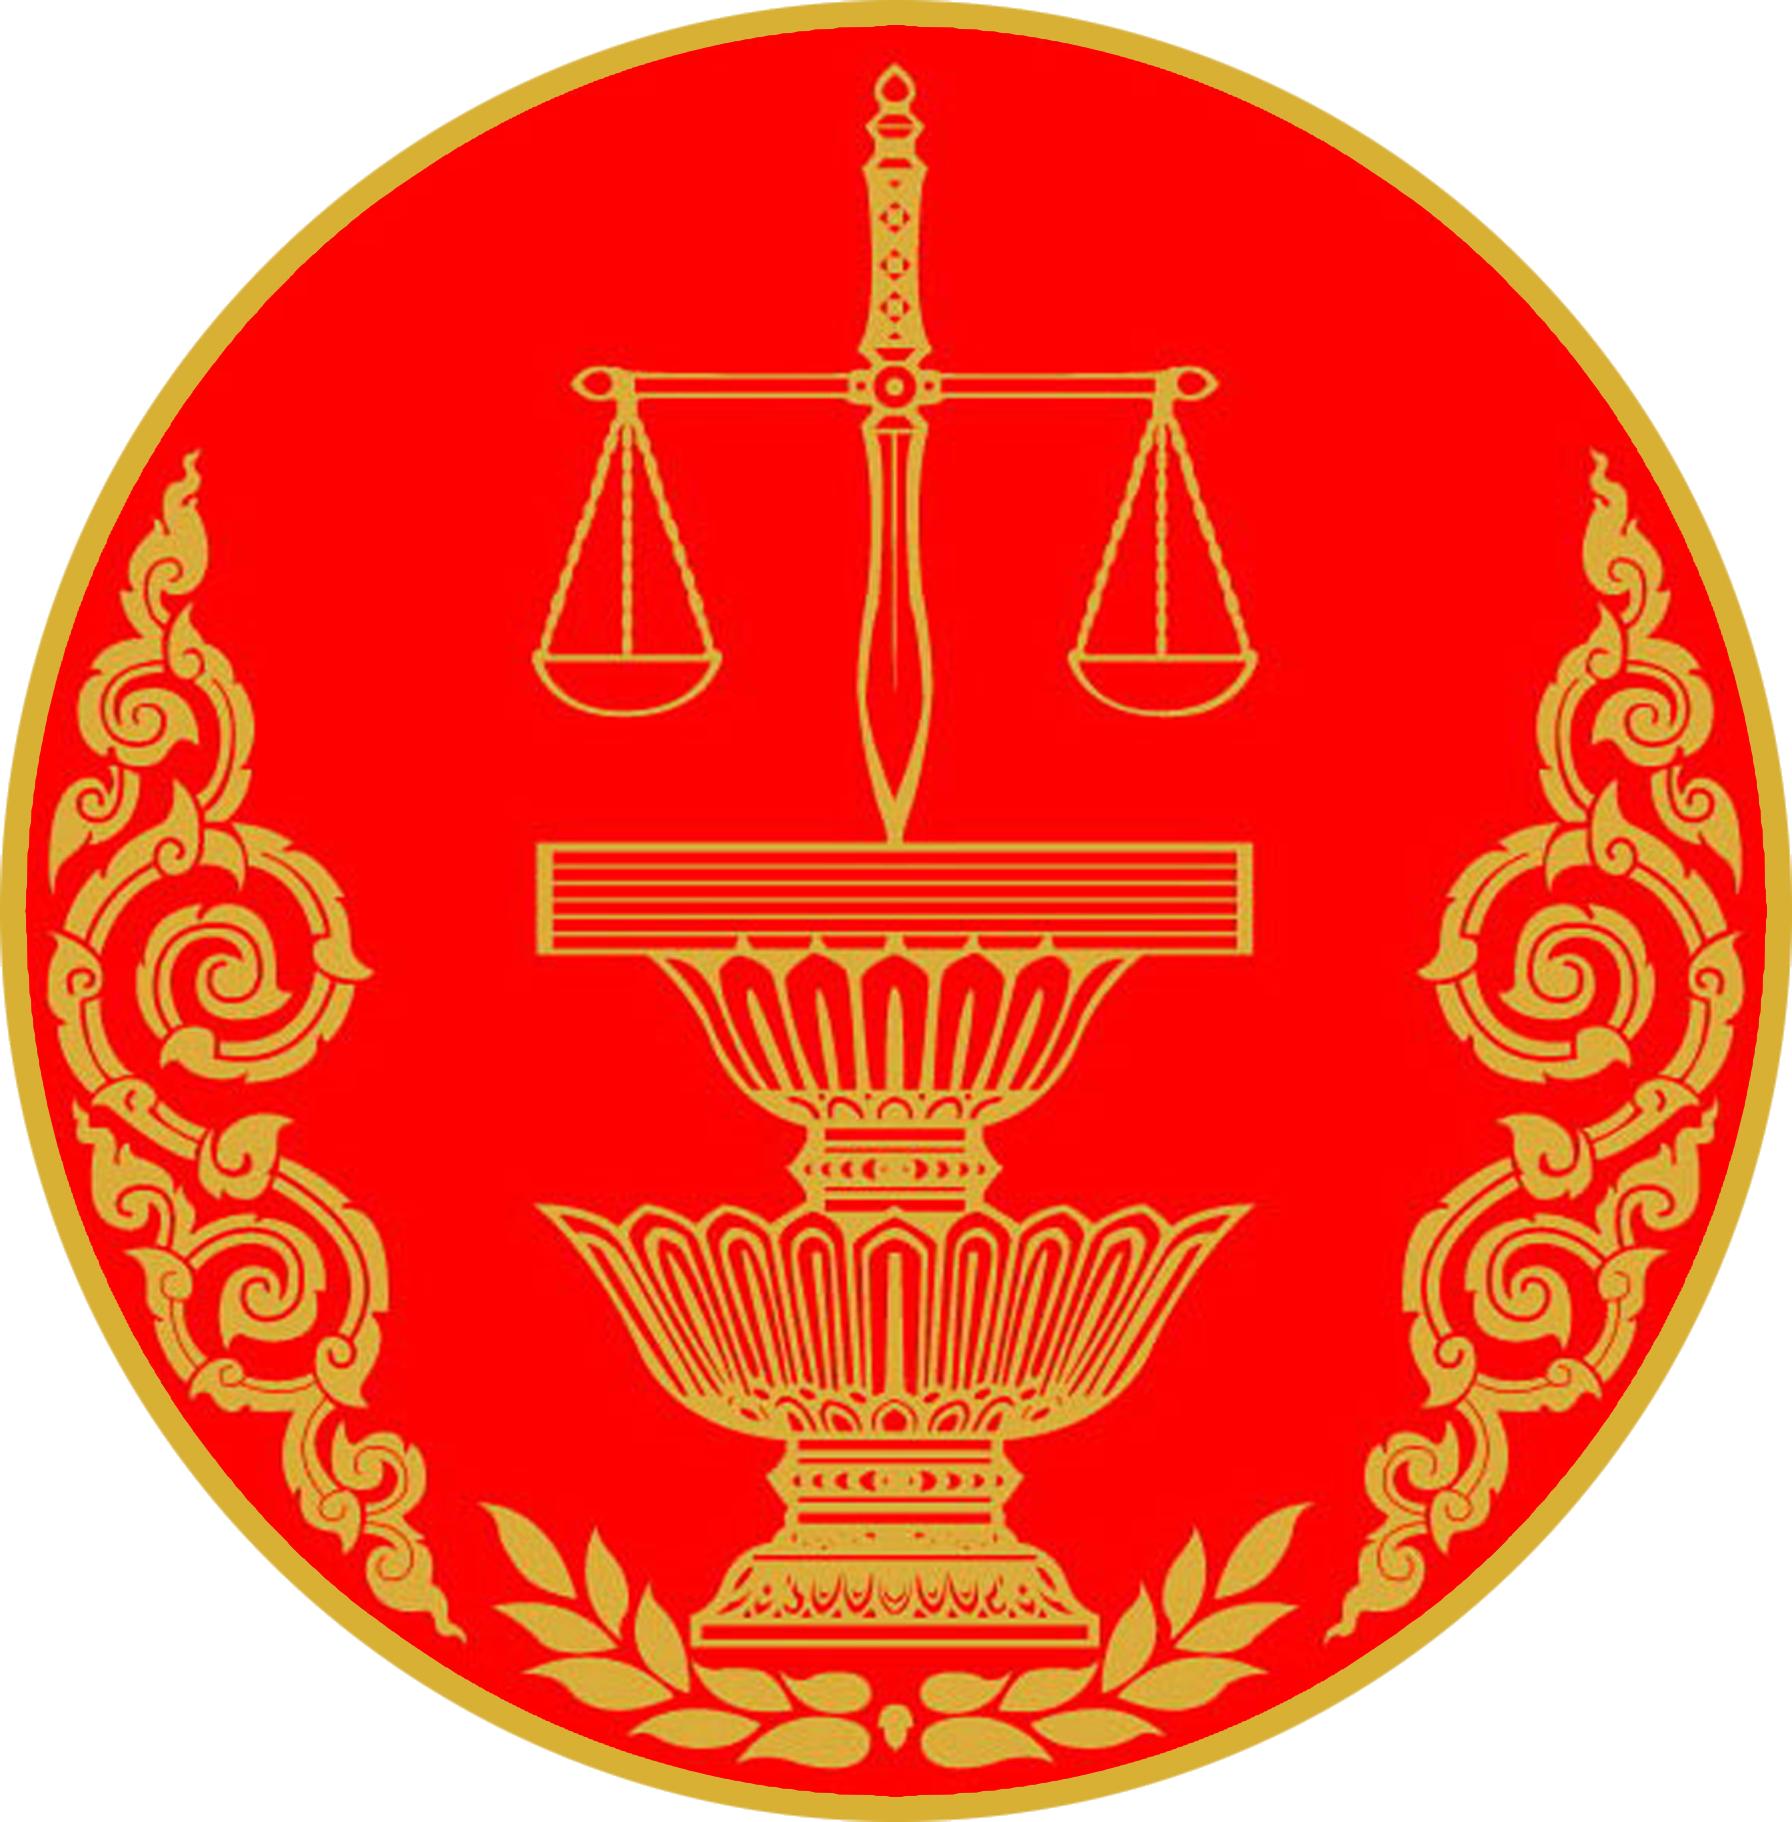 สำนักงานศาลรัฐธรรมนูญ